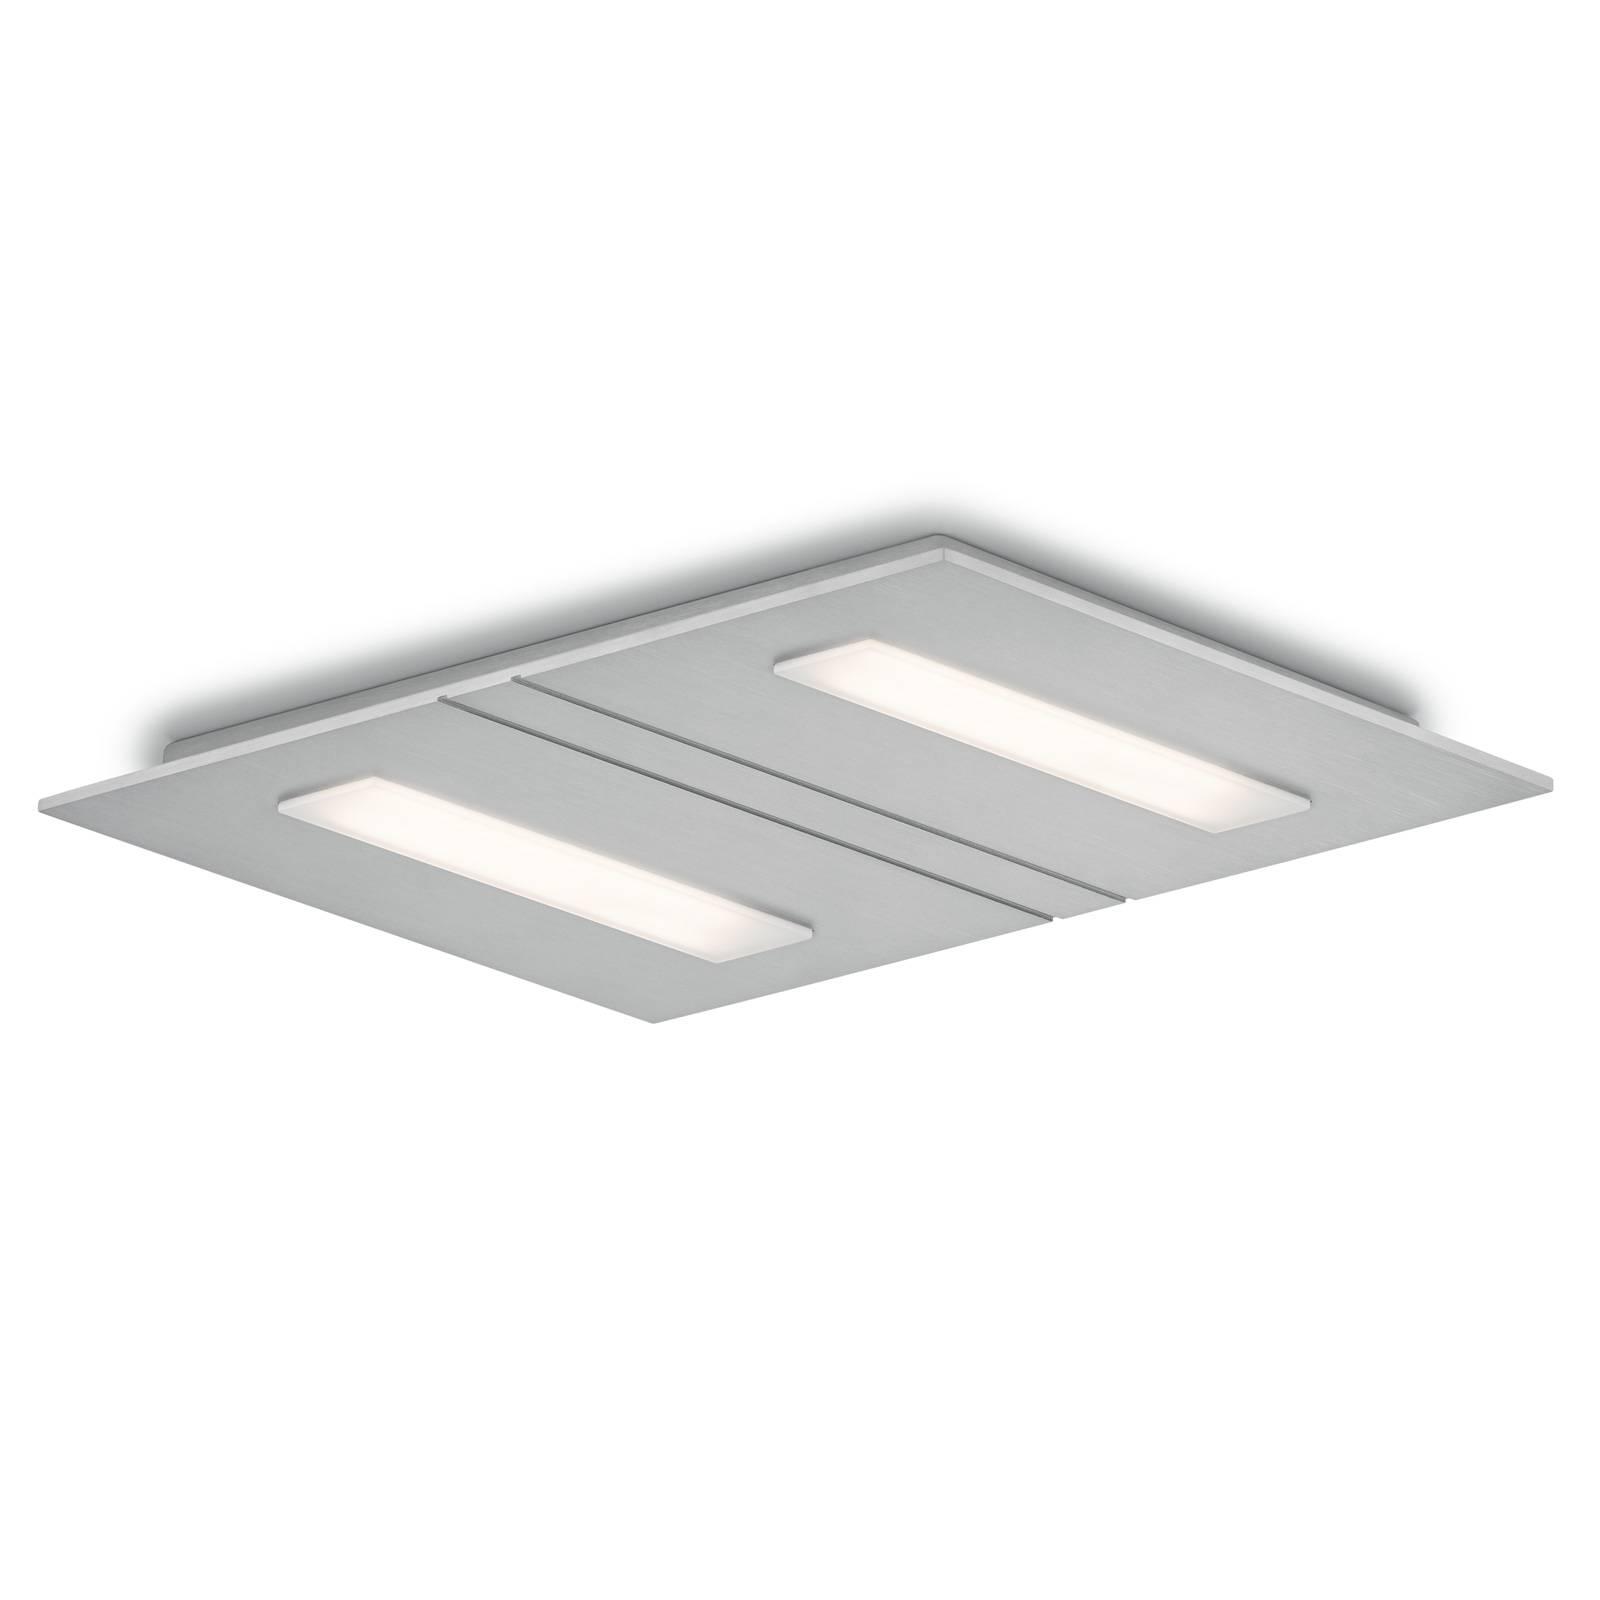 LED-kattovalaisin Sina-2, dim-to-warm 2-lamppuinen